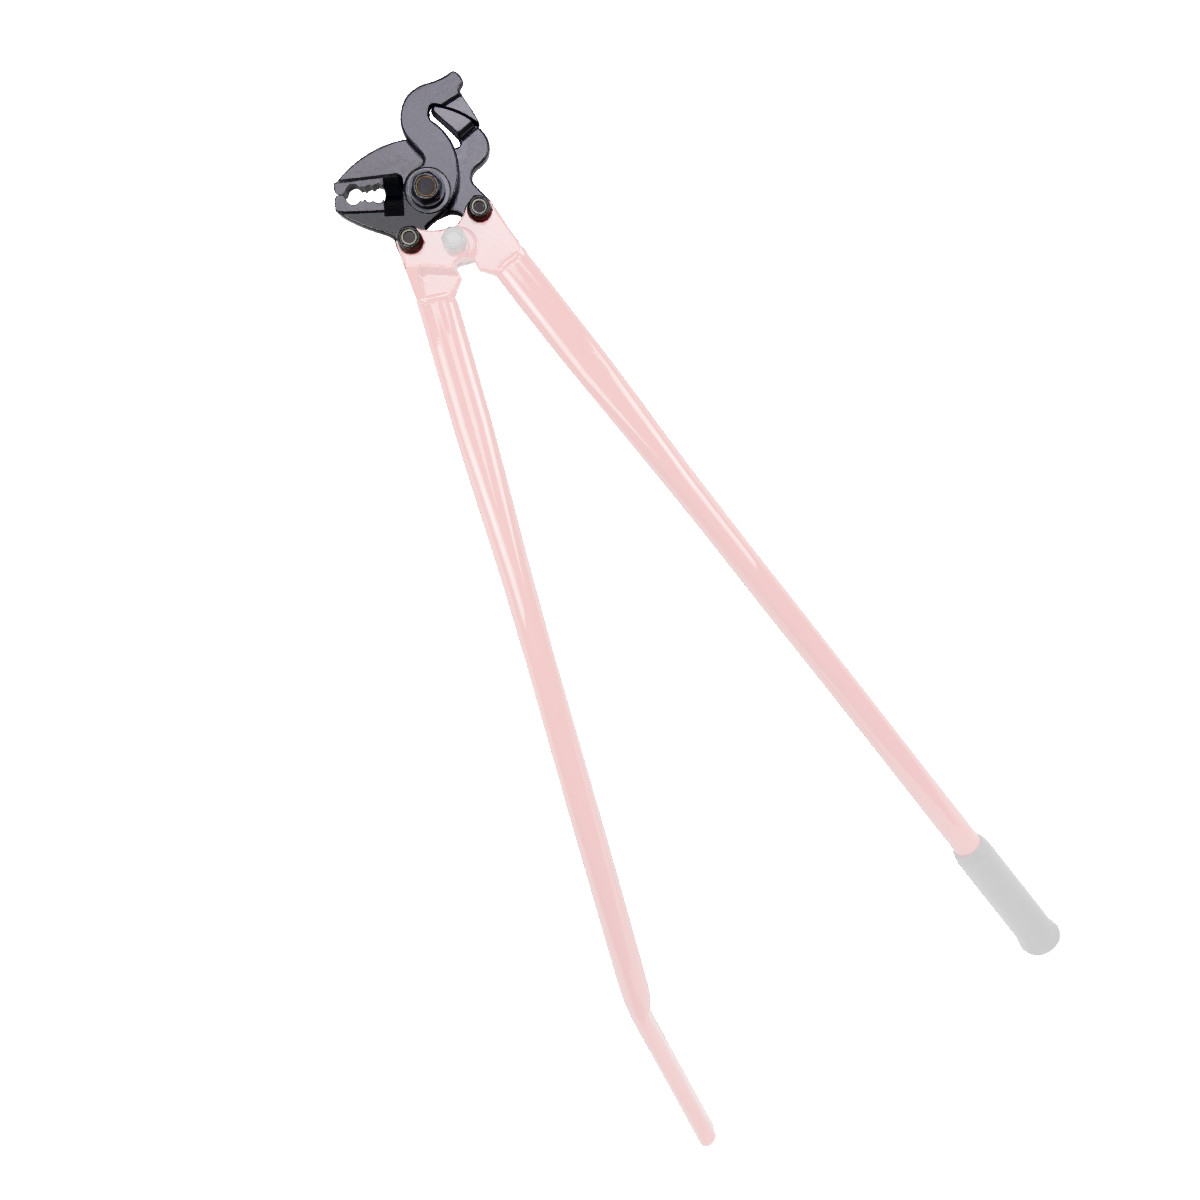 S-Hook Plier & Chain Cutter - Head Only (T105)